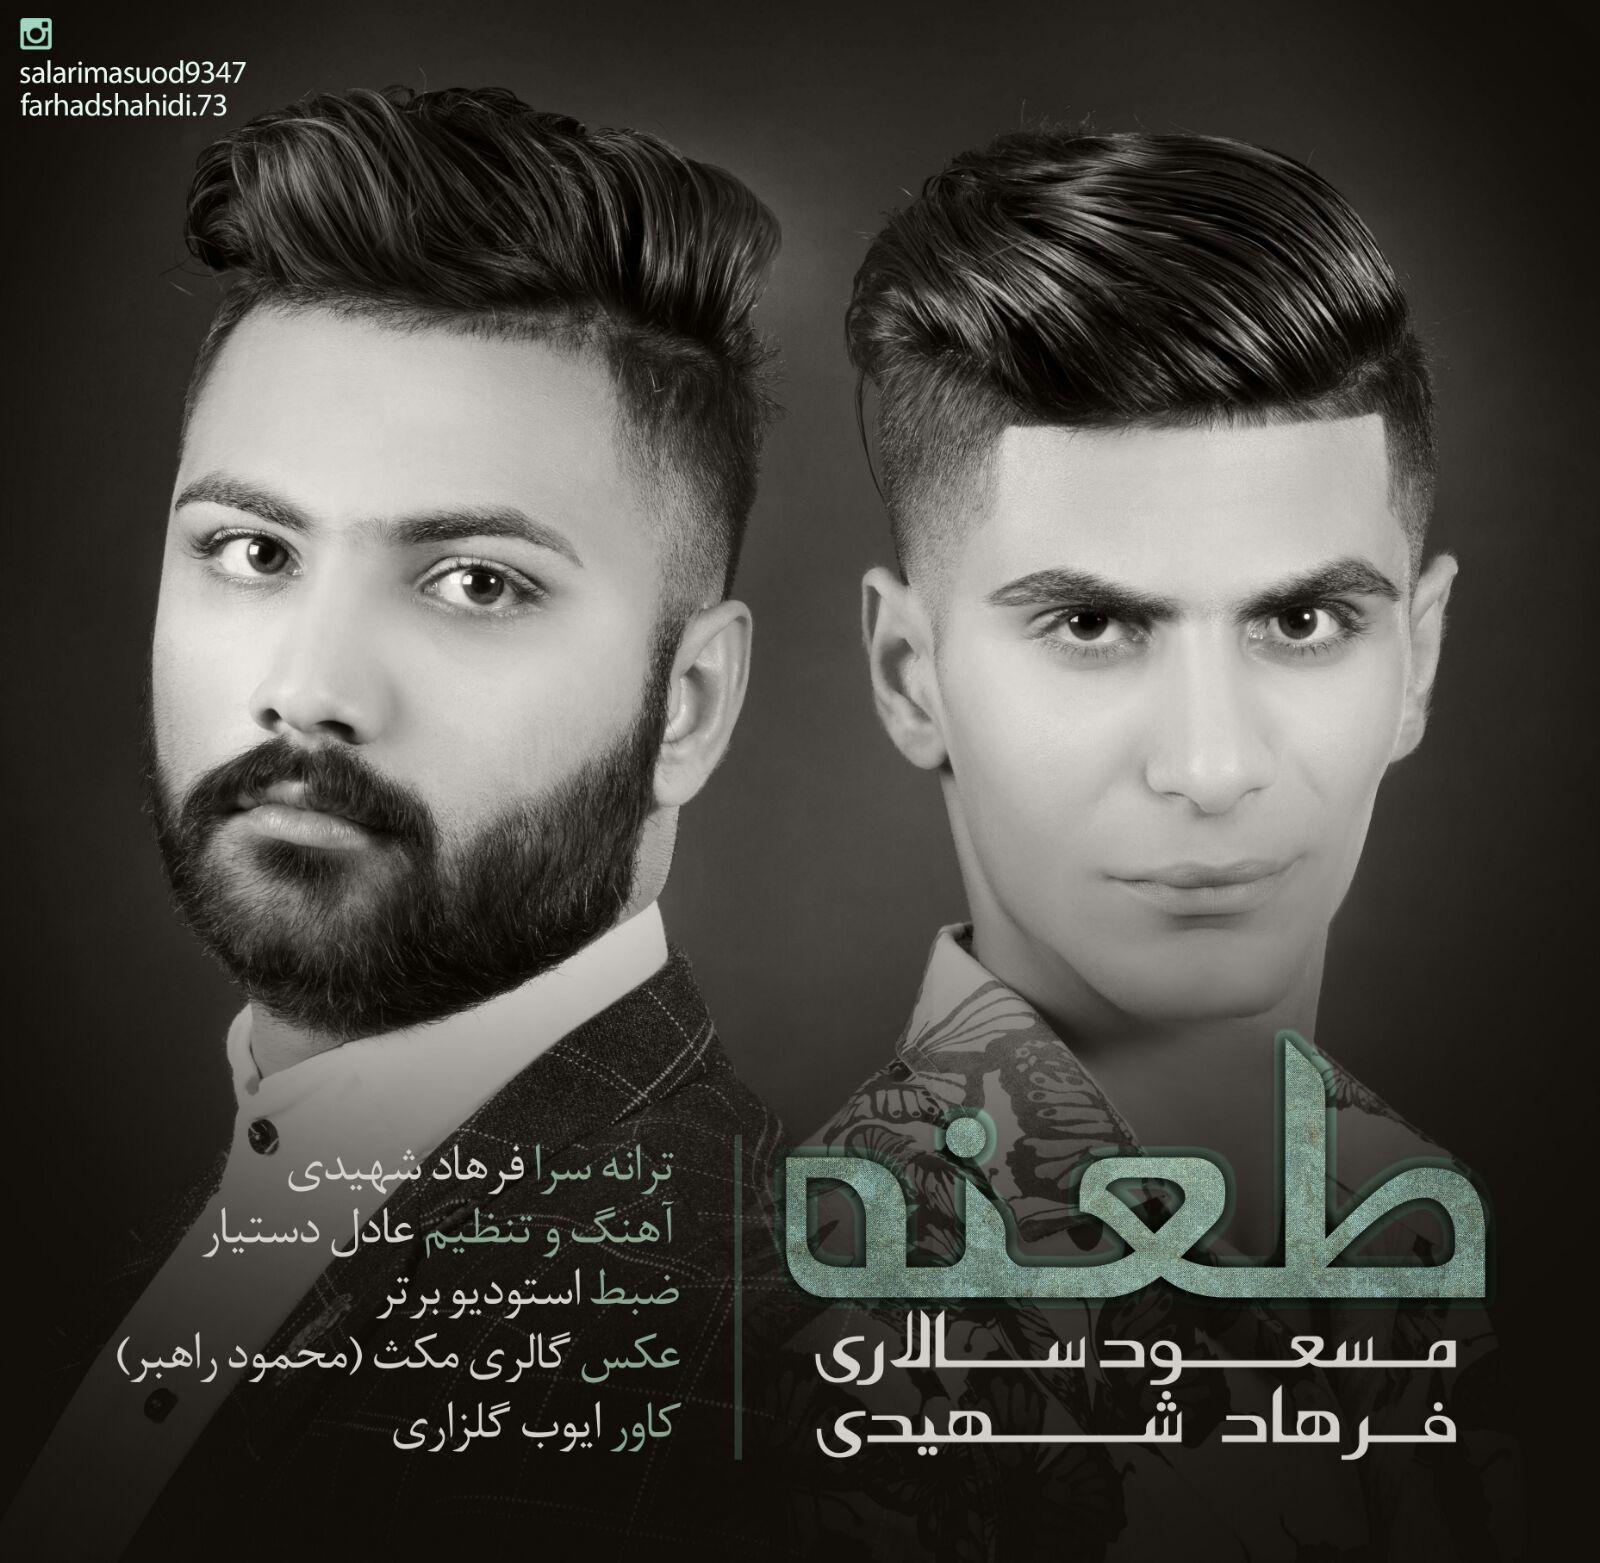 Masuod Salari & Farhad Shahidi – Tahna